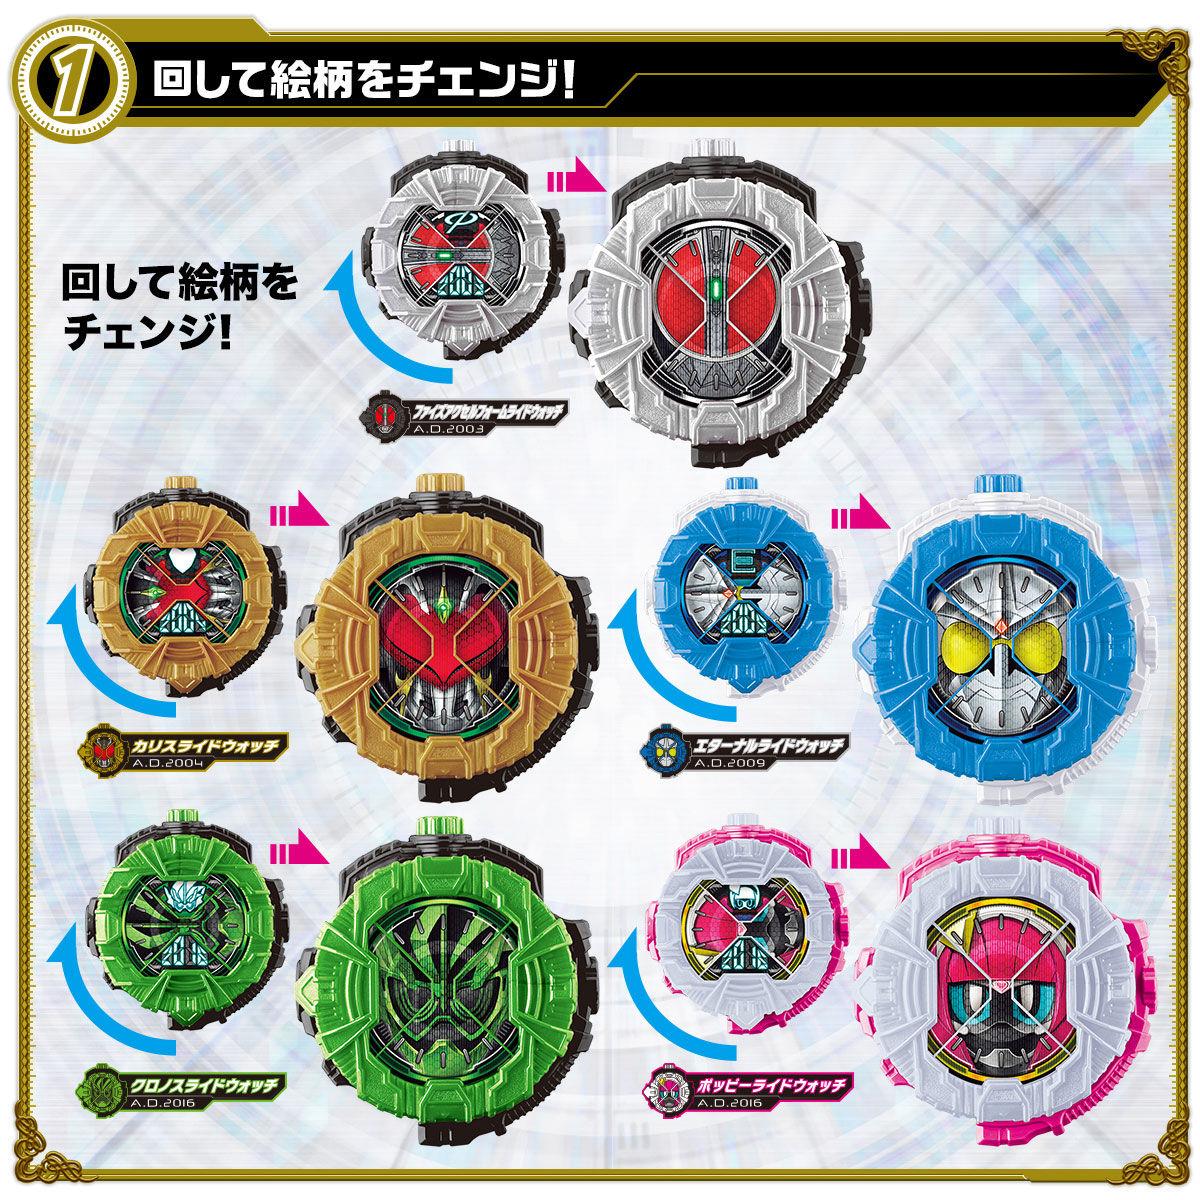 仮面ライダージオウ『DXライドウォッチスペシャルセット』変身なりきり-002